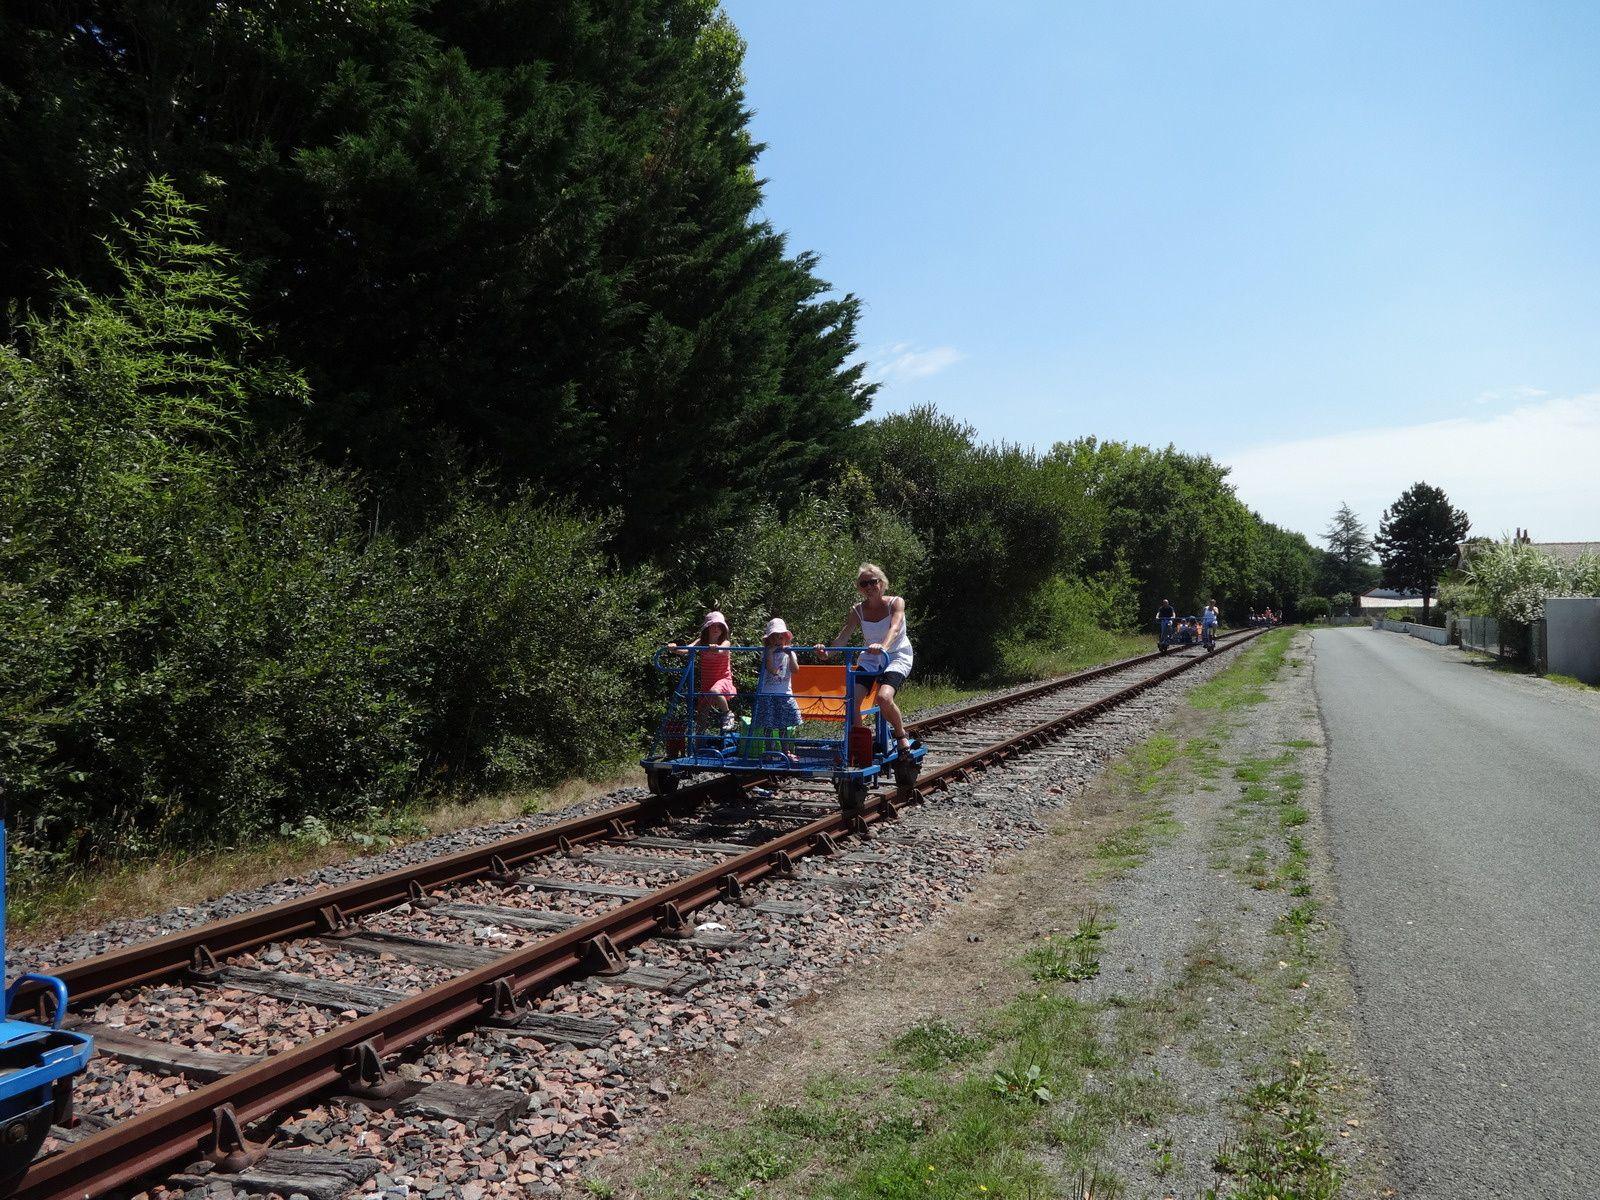 les grandes ont fait une sortie VELO RAIL, promenade insolite sur une ancienne voie ferrée pour découvrir la campagne, franchir une rivière et traverser l'ancienne gare